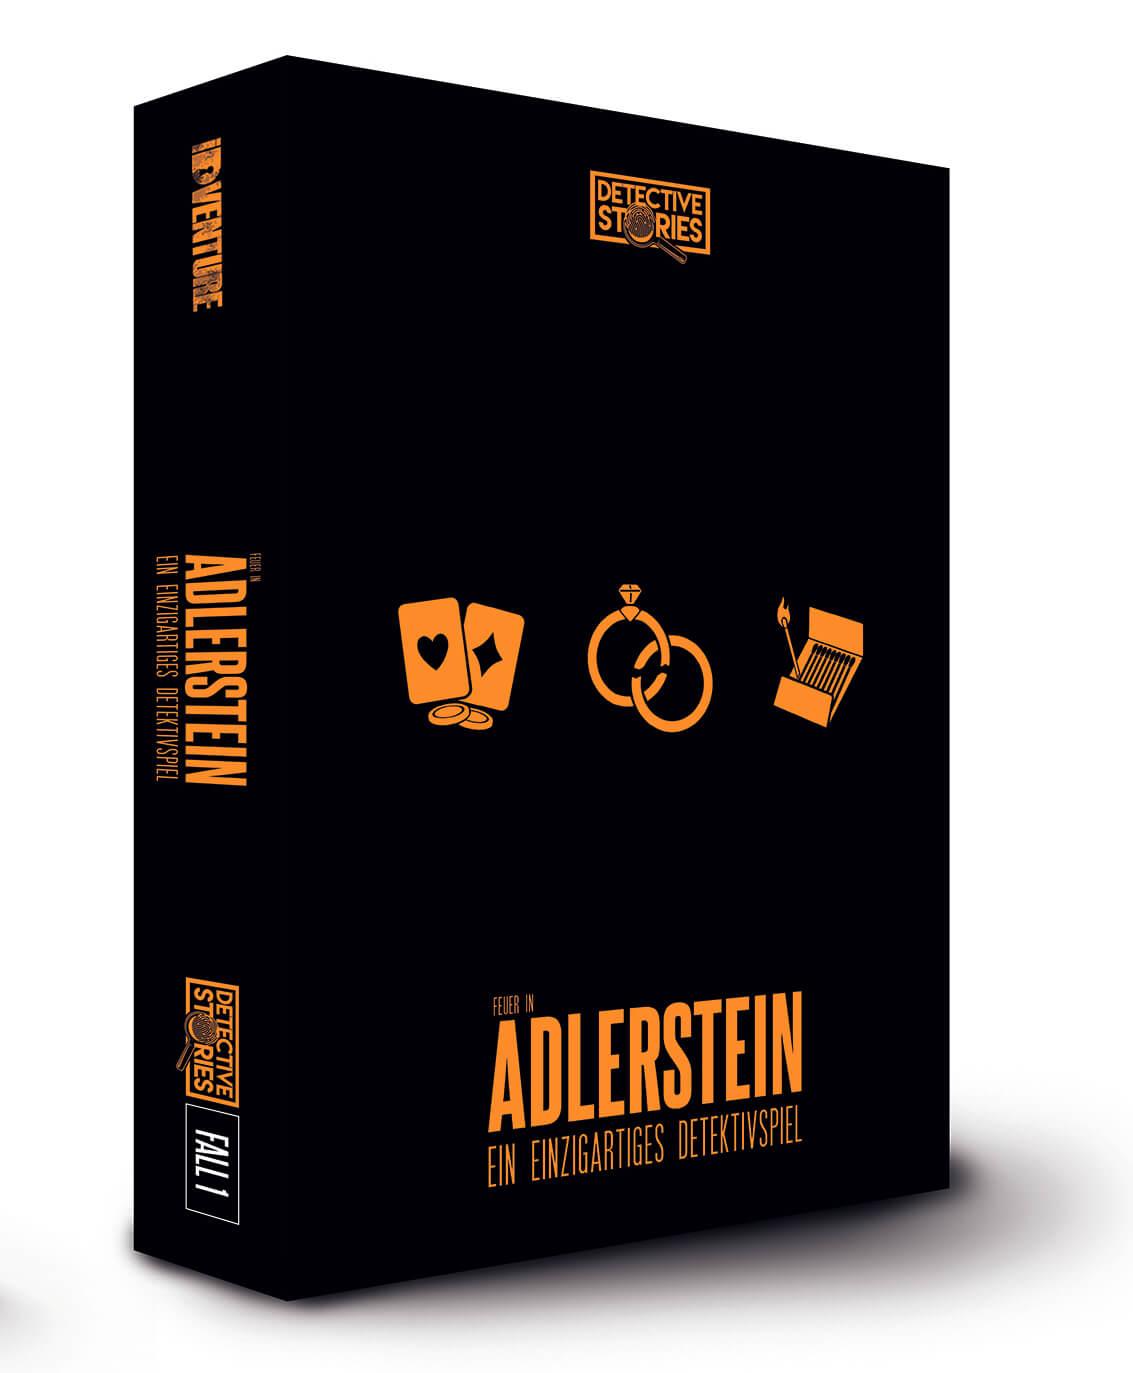 - Detective Stories - Das Feuer in Adlerstein